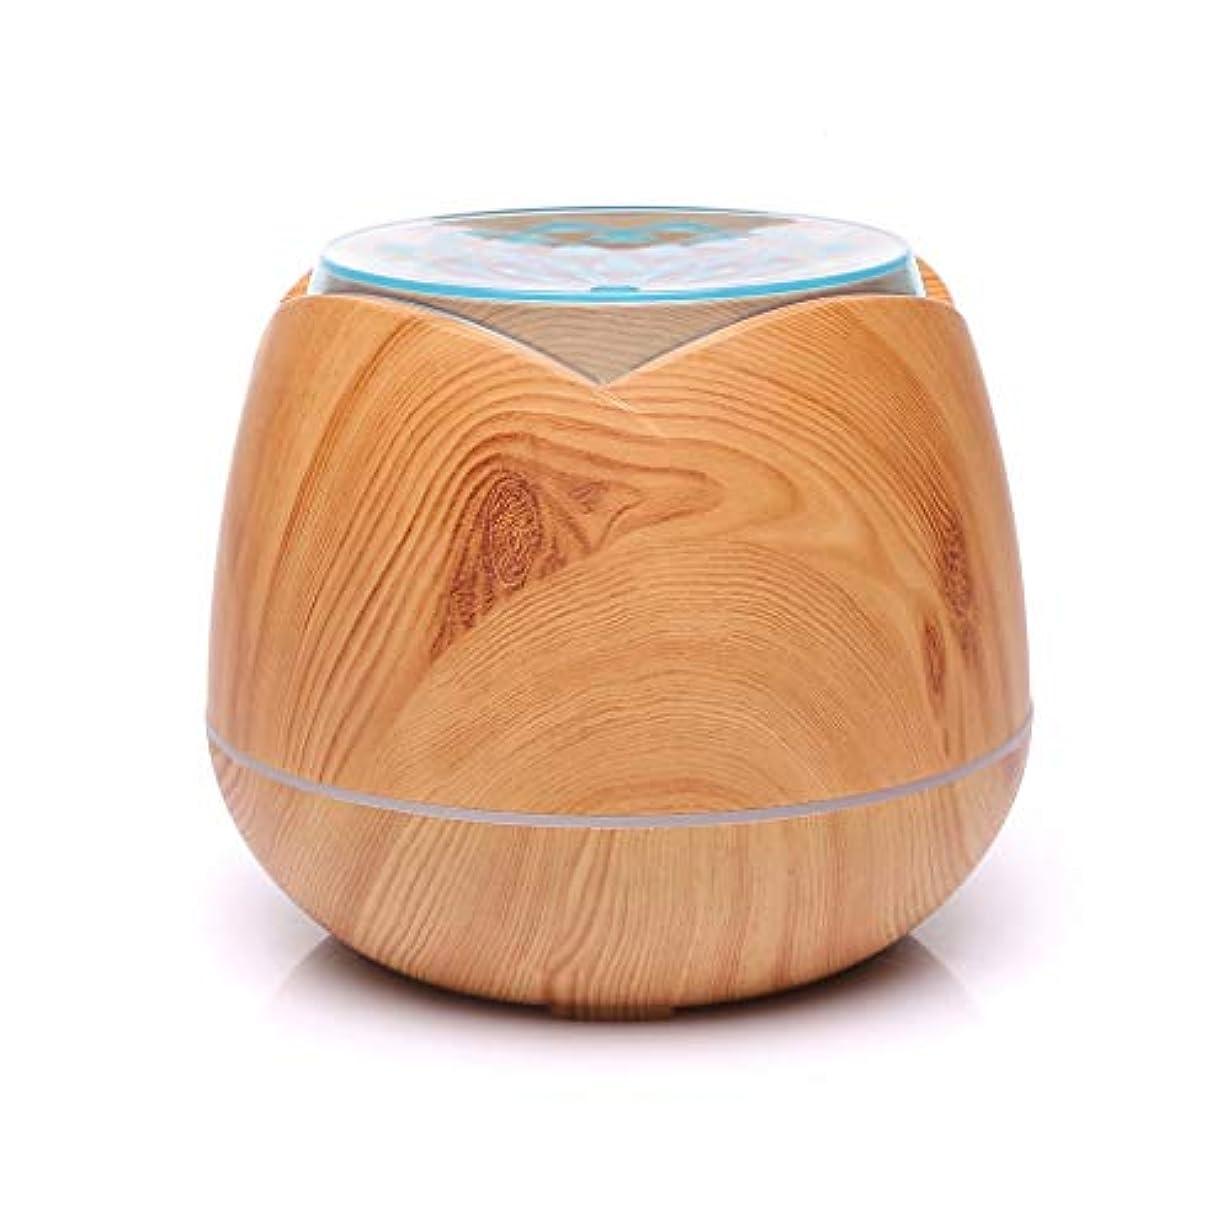 完全に乾く廃止事実上涼しい霧の空気加湿器、家、ヨガ、オフィス、鉱泉、寝室のために変わる色LEDライトと超音波400ml - 木目 - (Color : Light wood grain)